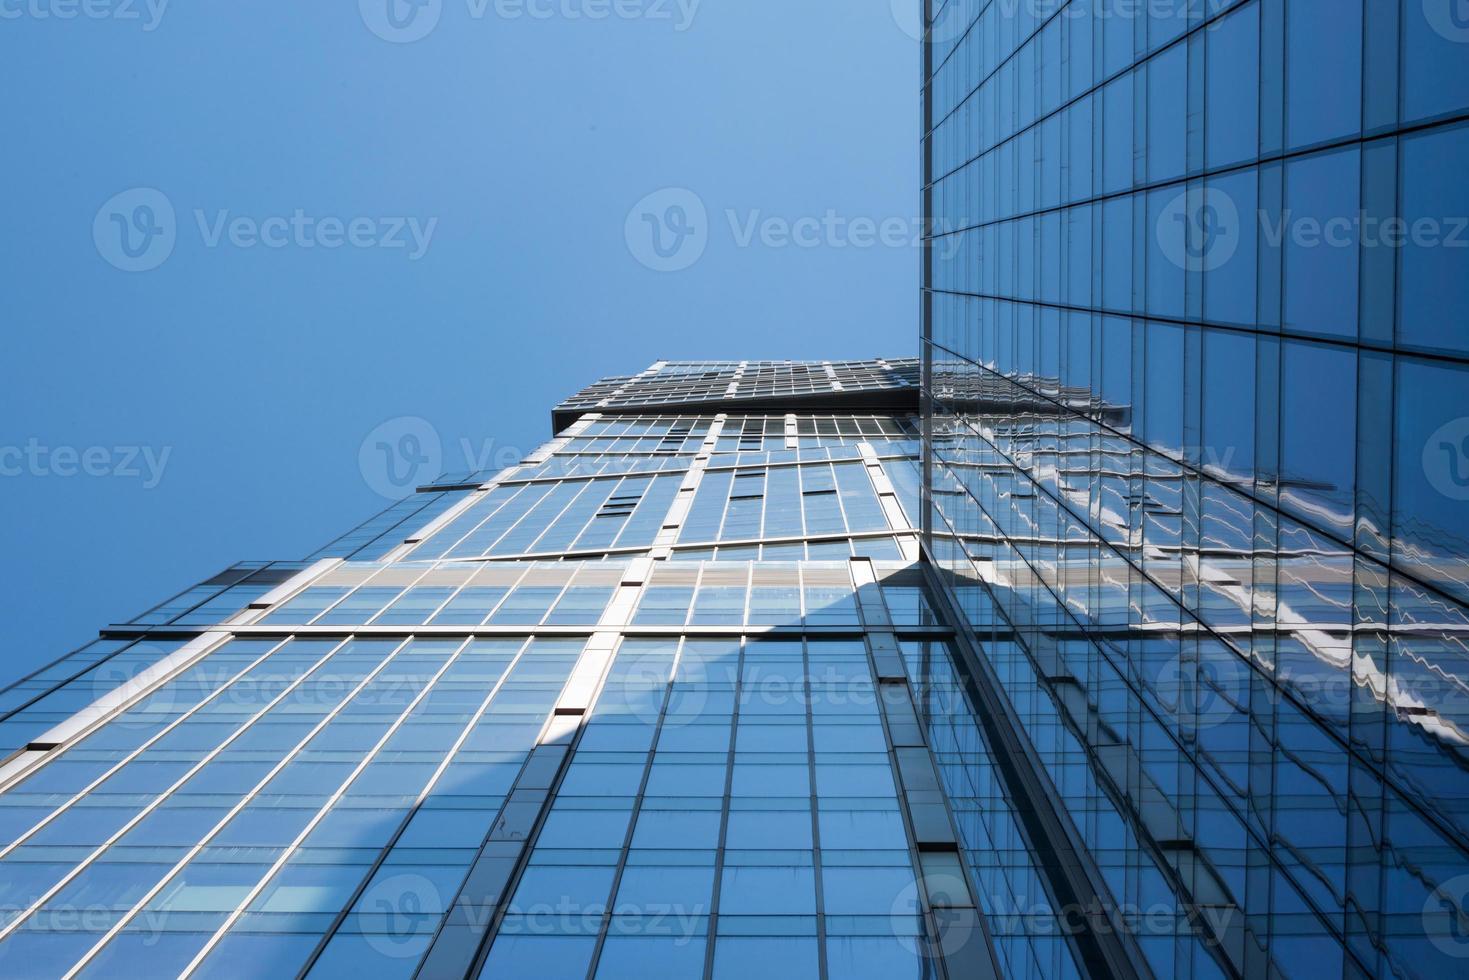 höghus på blå himmel, bottenvy foto